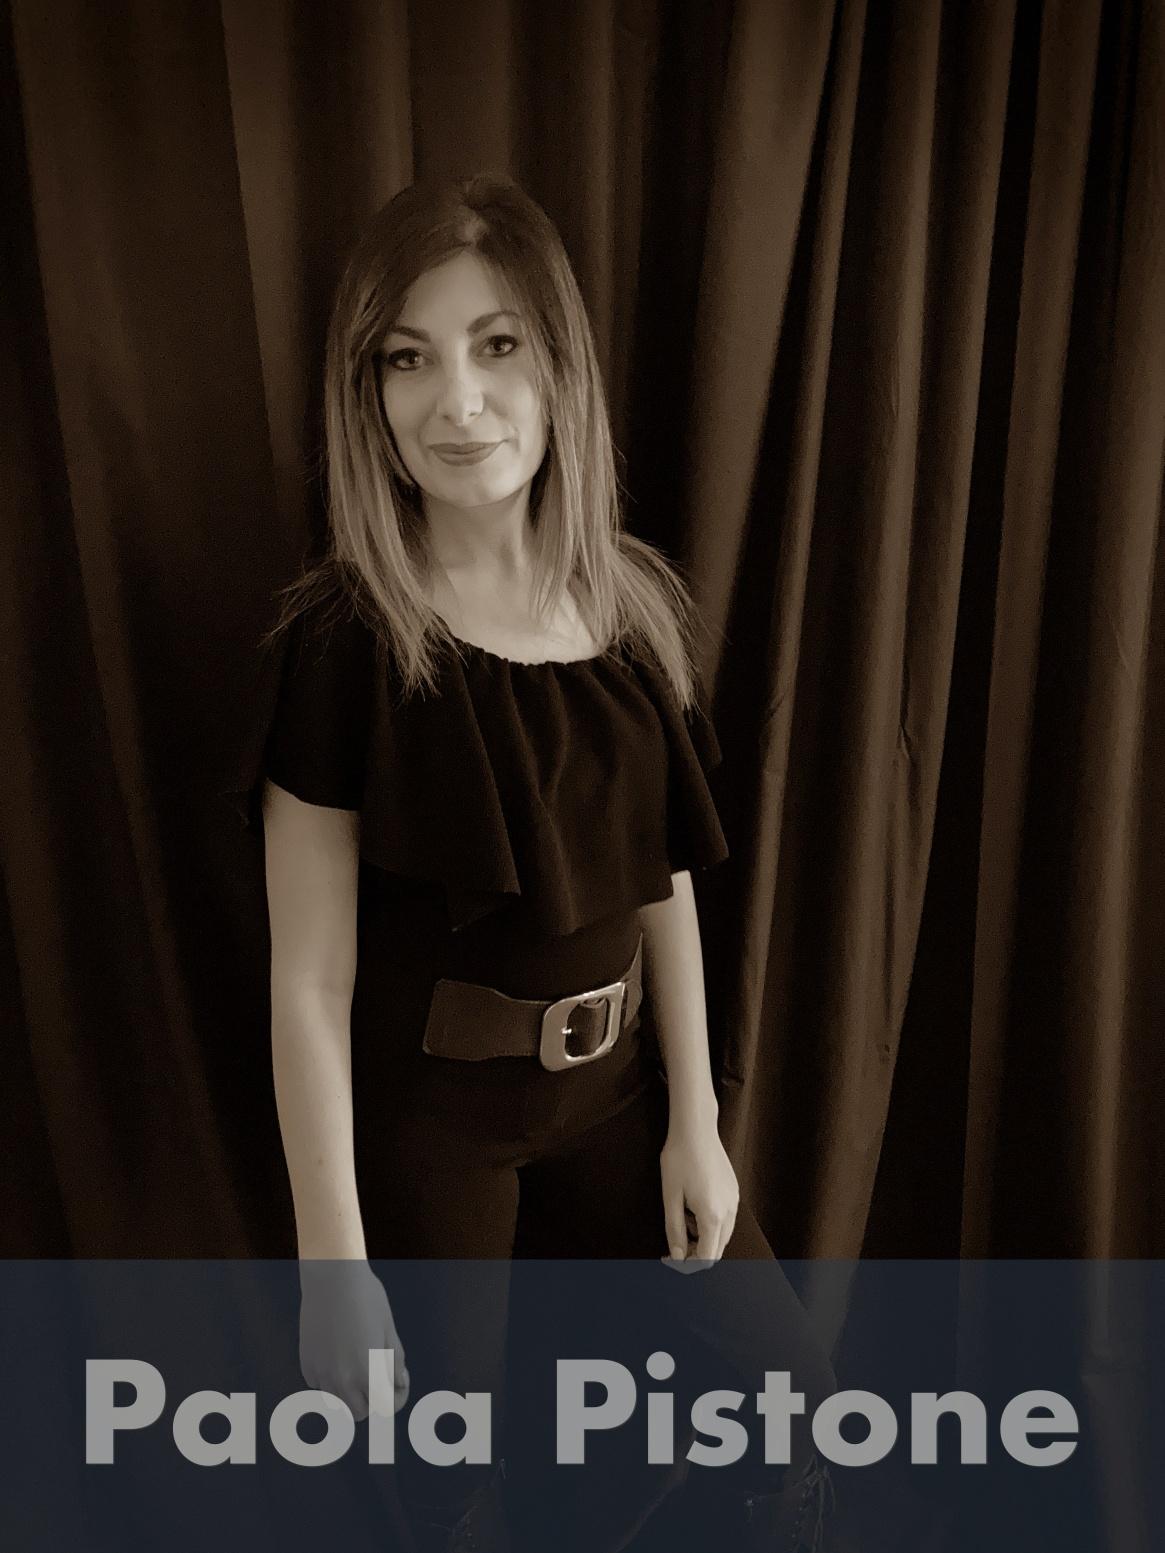 Paola Pistone